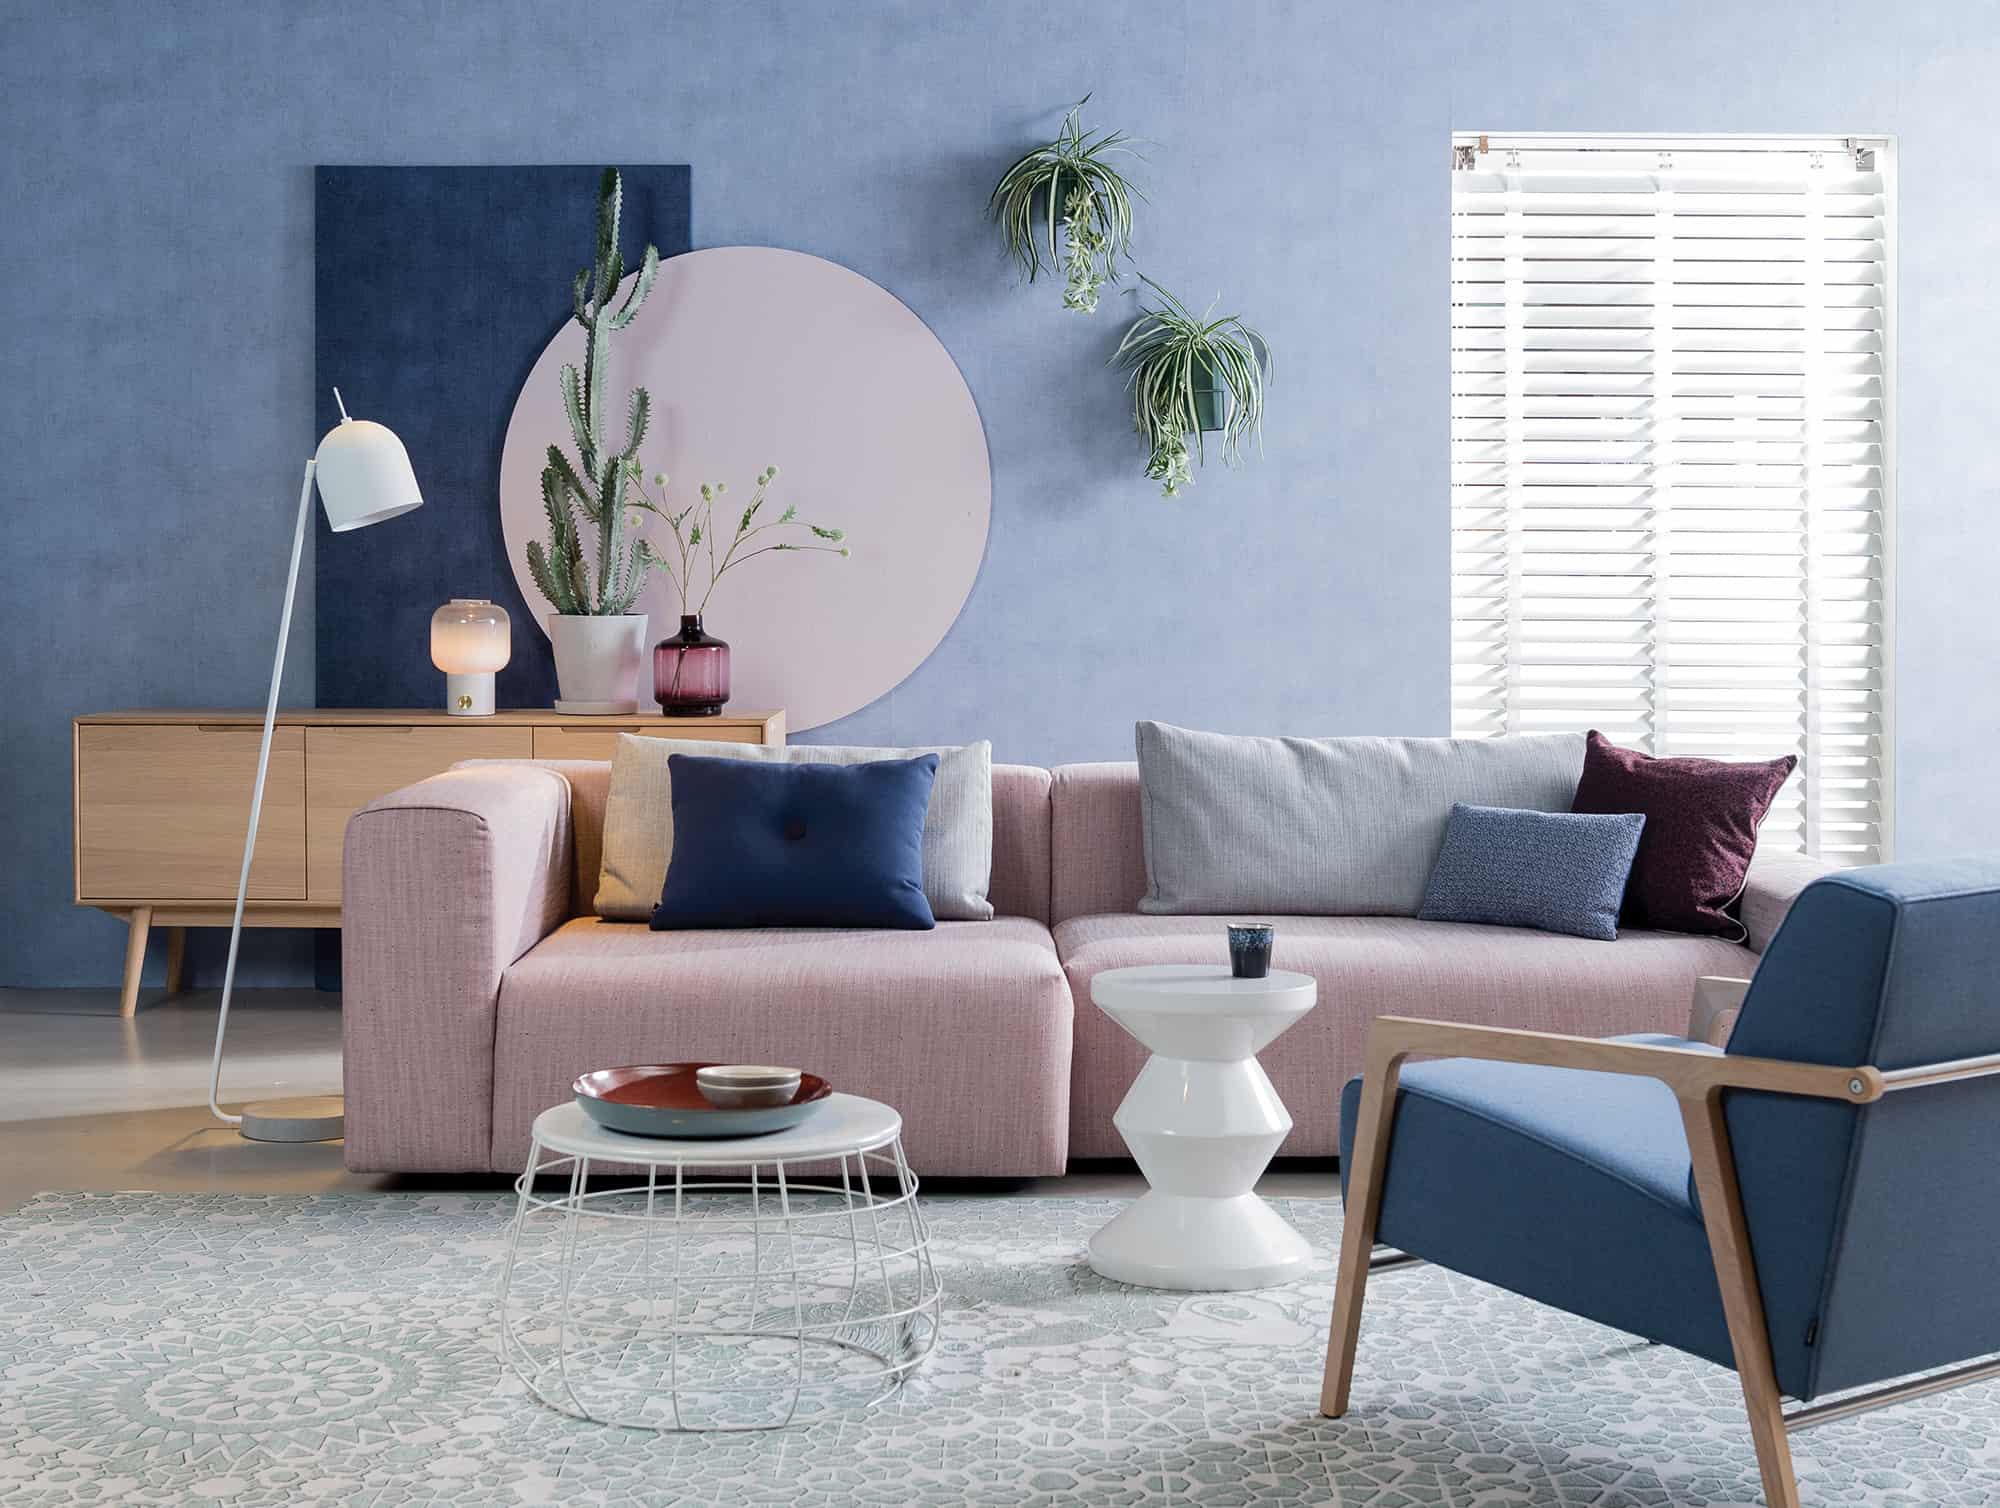 Decorare casa fai da te consigli utili sui prodotti da - Decorare casa fai da te ...